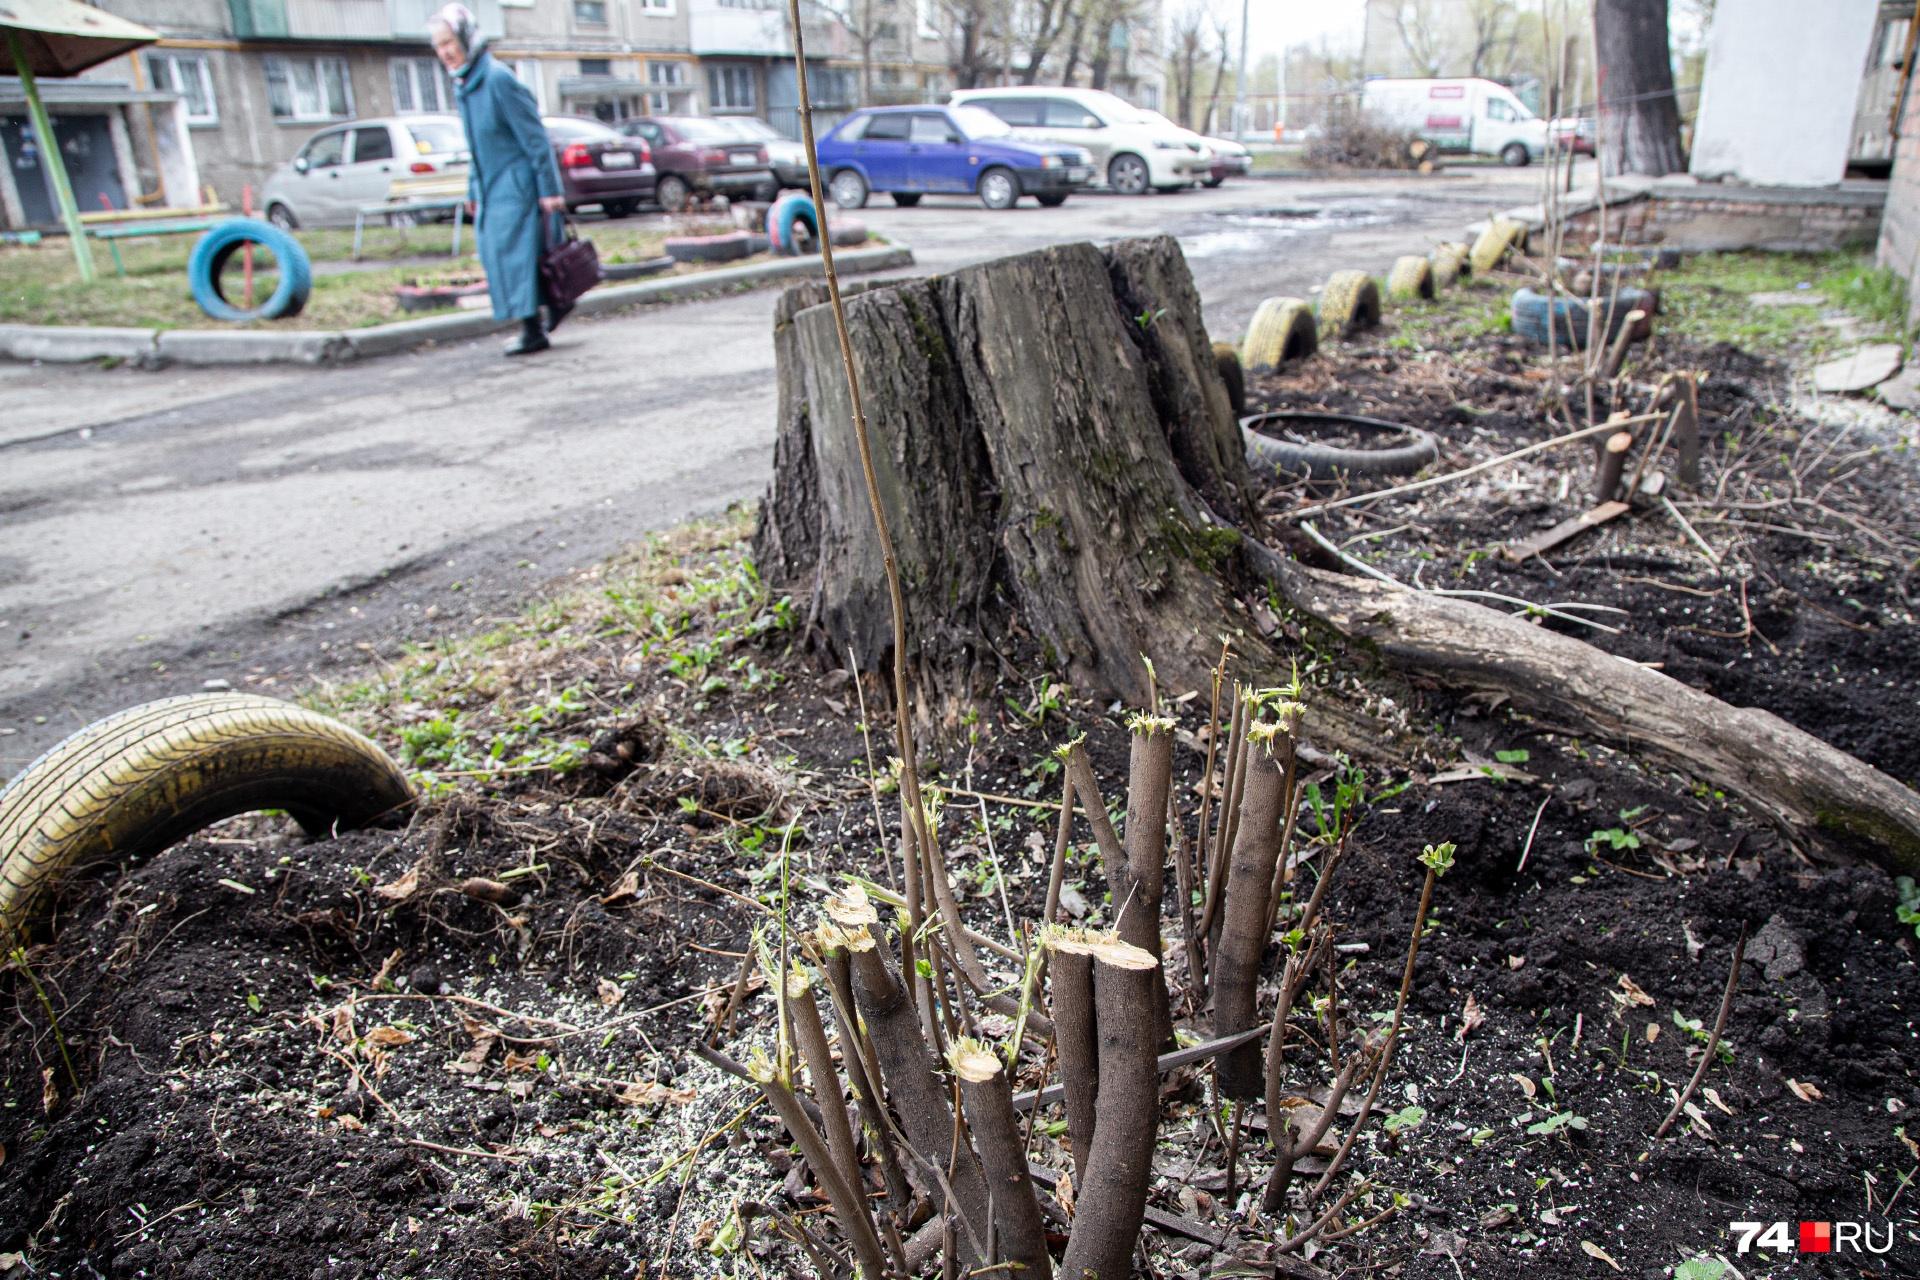 Но в этом дворе деревья помешали благоустройству